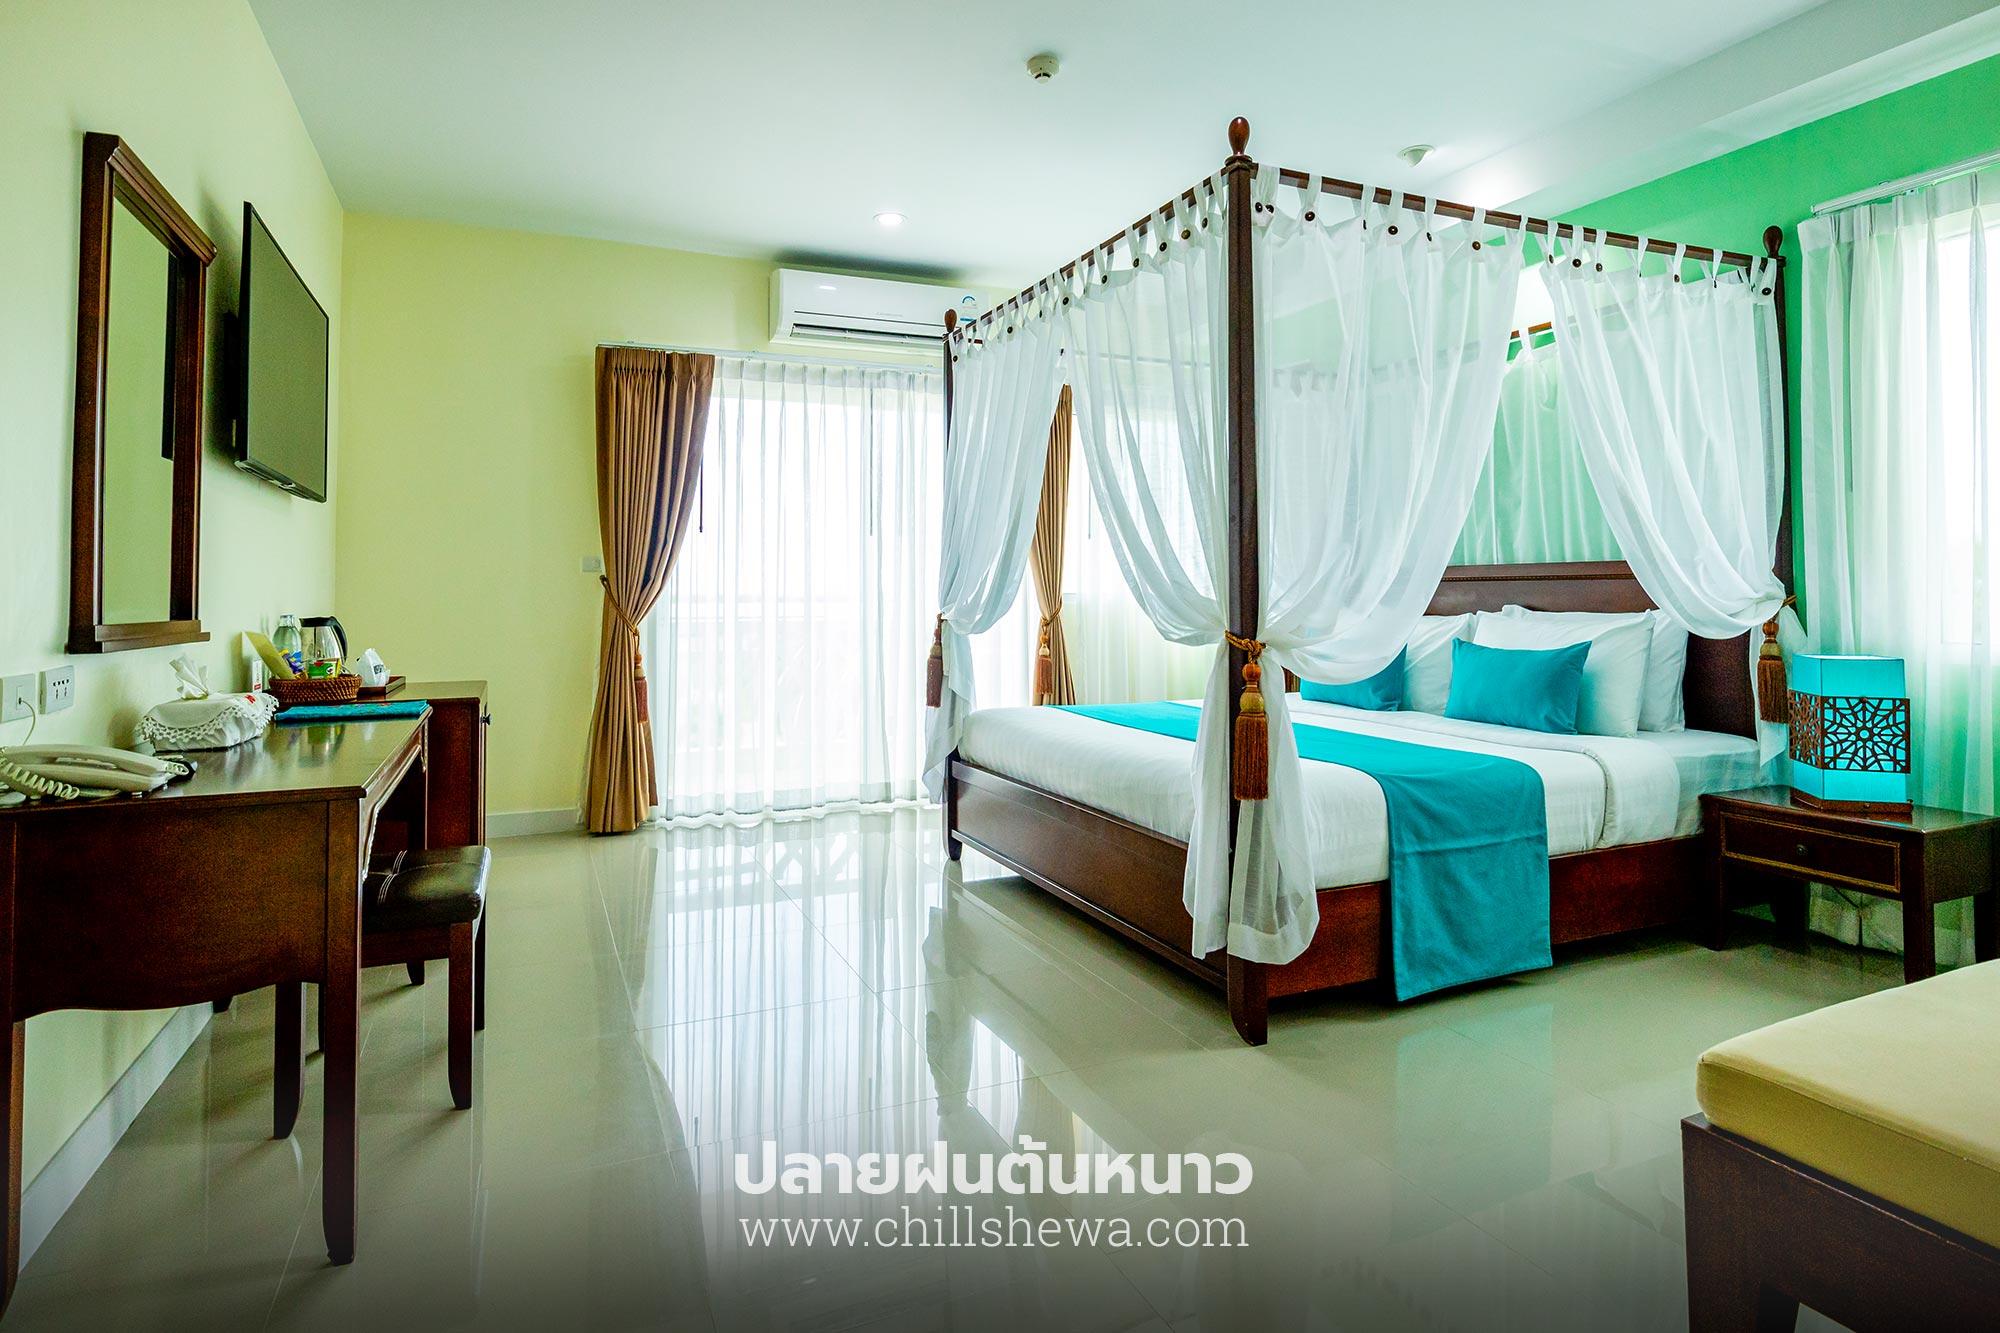 Krabi Front Bay Resort กระบี่ ฟร้อนท์ เบย์ รีสอร์ท krabi front bay resort Krabi Front Bay Resort กระบี่ ฟร้อนท์ เบย์ รีสอร์ท Krabi Front Bay Resort 09